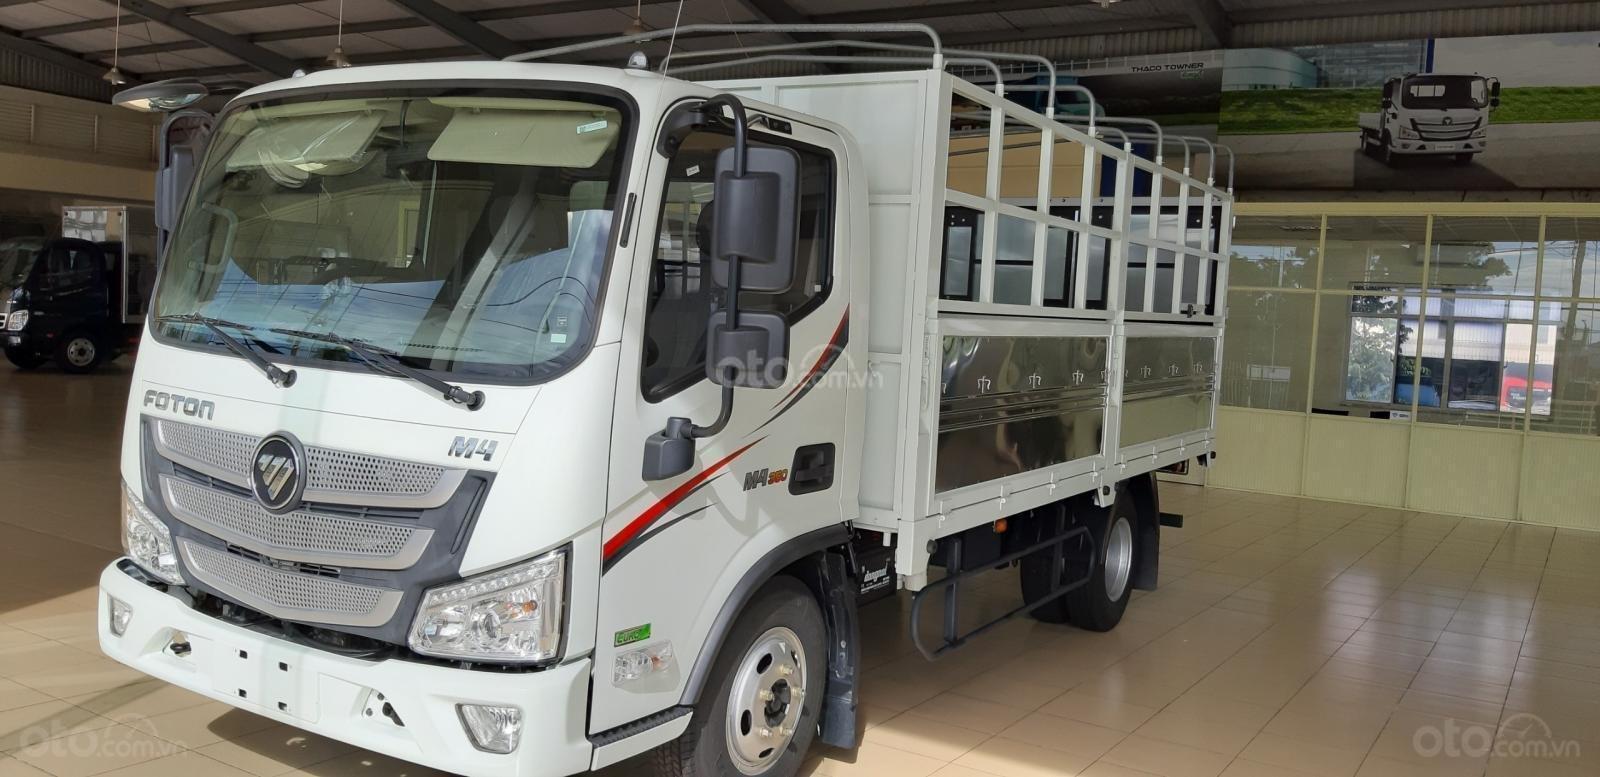 Bán xe tải 3.5 tấn Thaco Foton M4, động cơ Cummins đời 2019. Hỗ trợ trả góp - LH: 0938.933.753 (1)